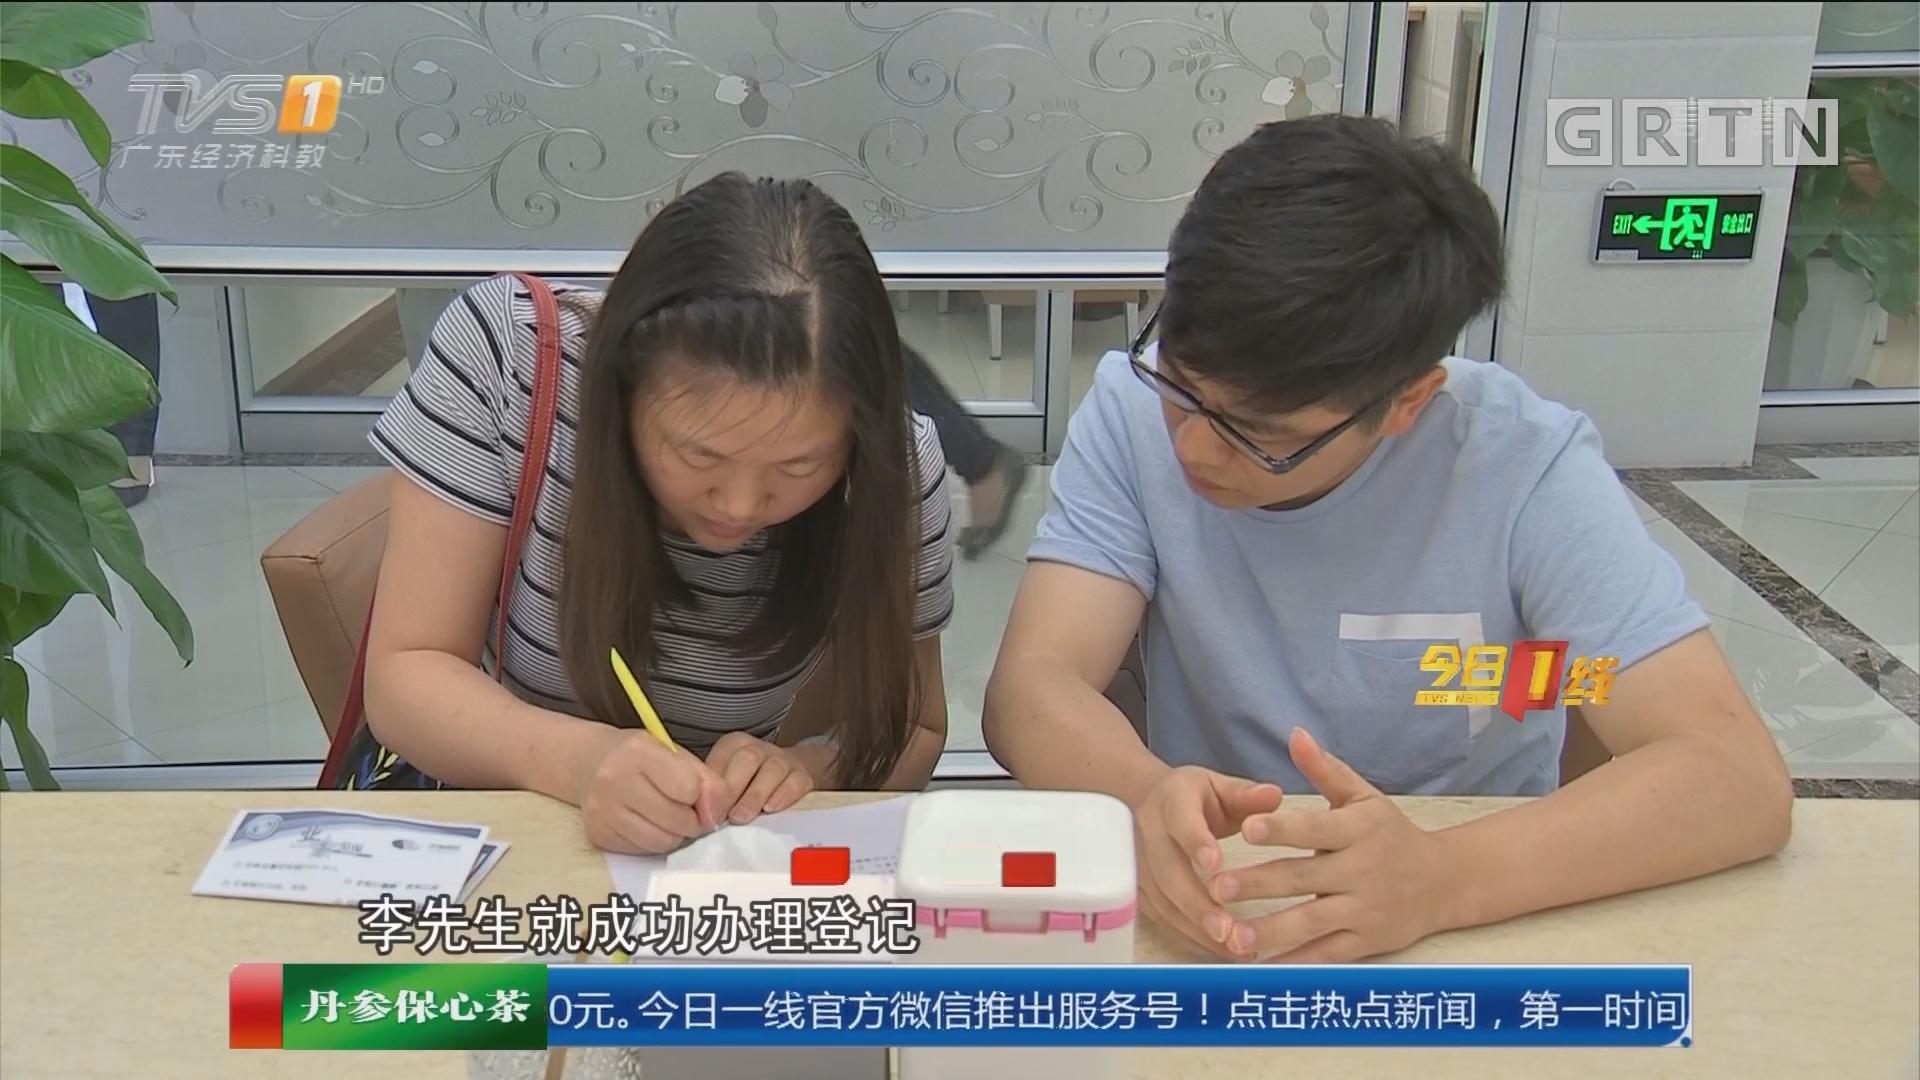 广州:婚姻登记跨区办理 试点首日预约20宗